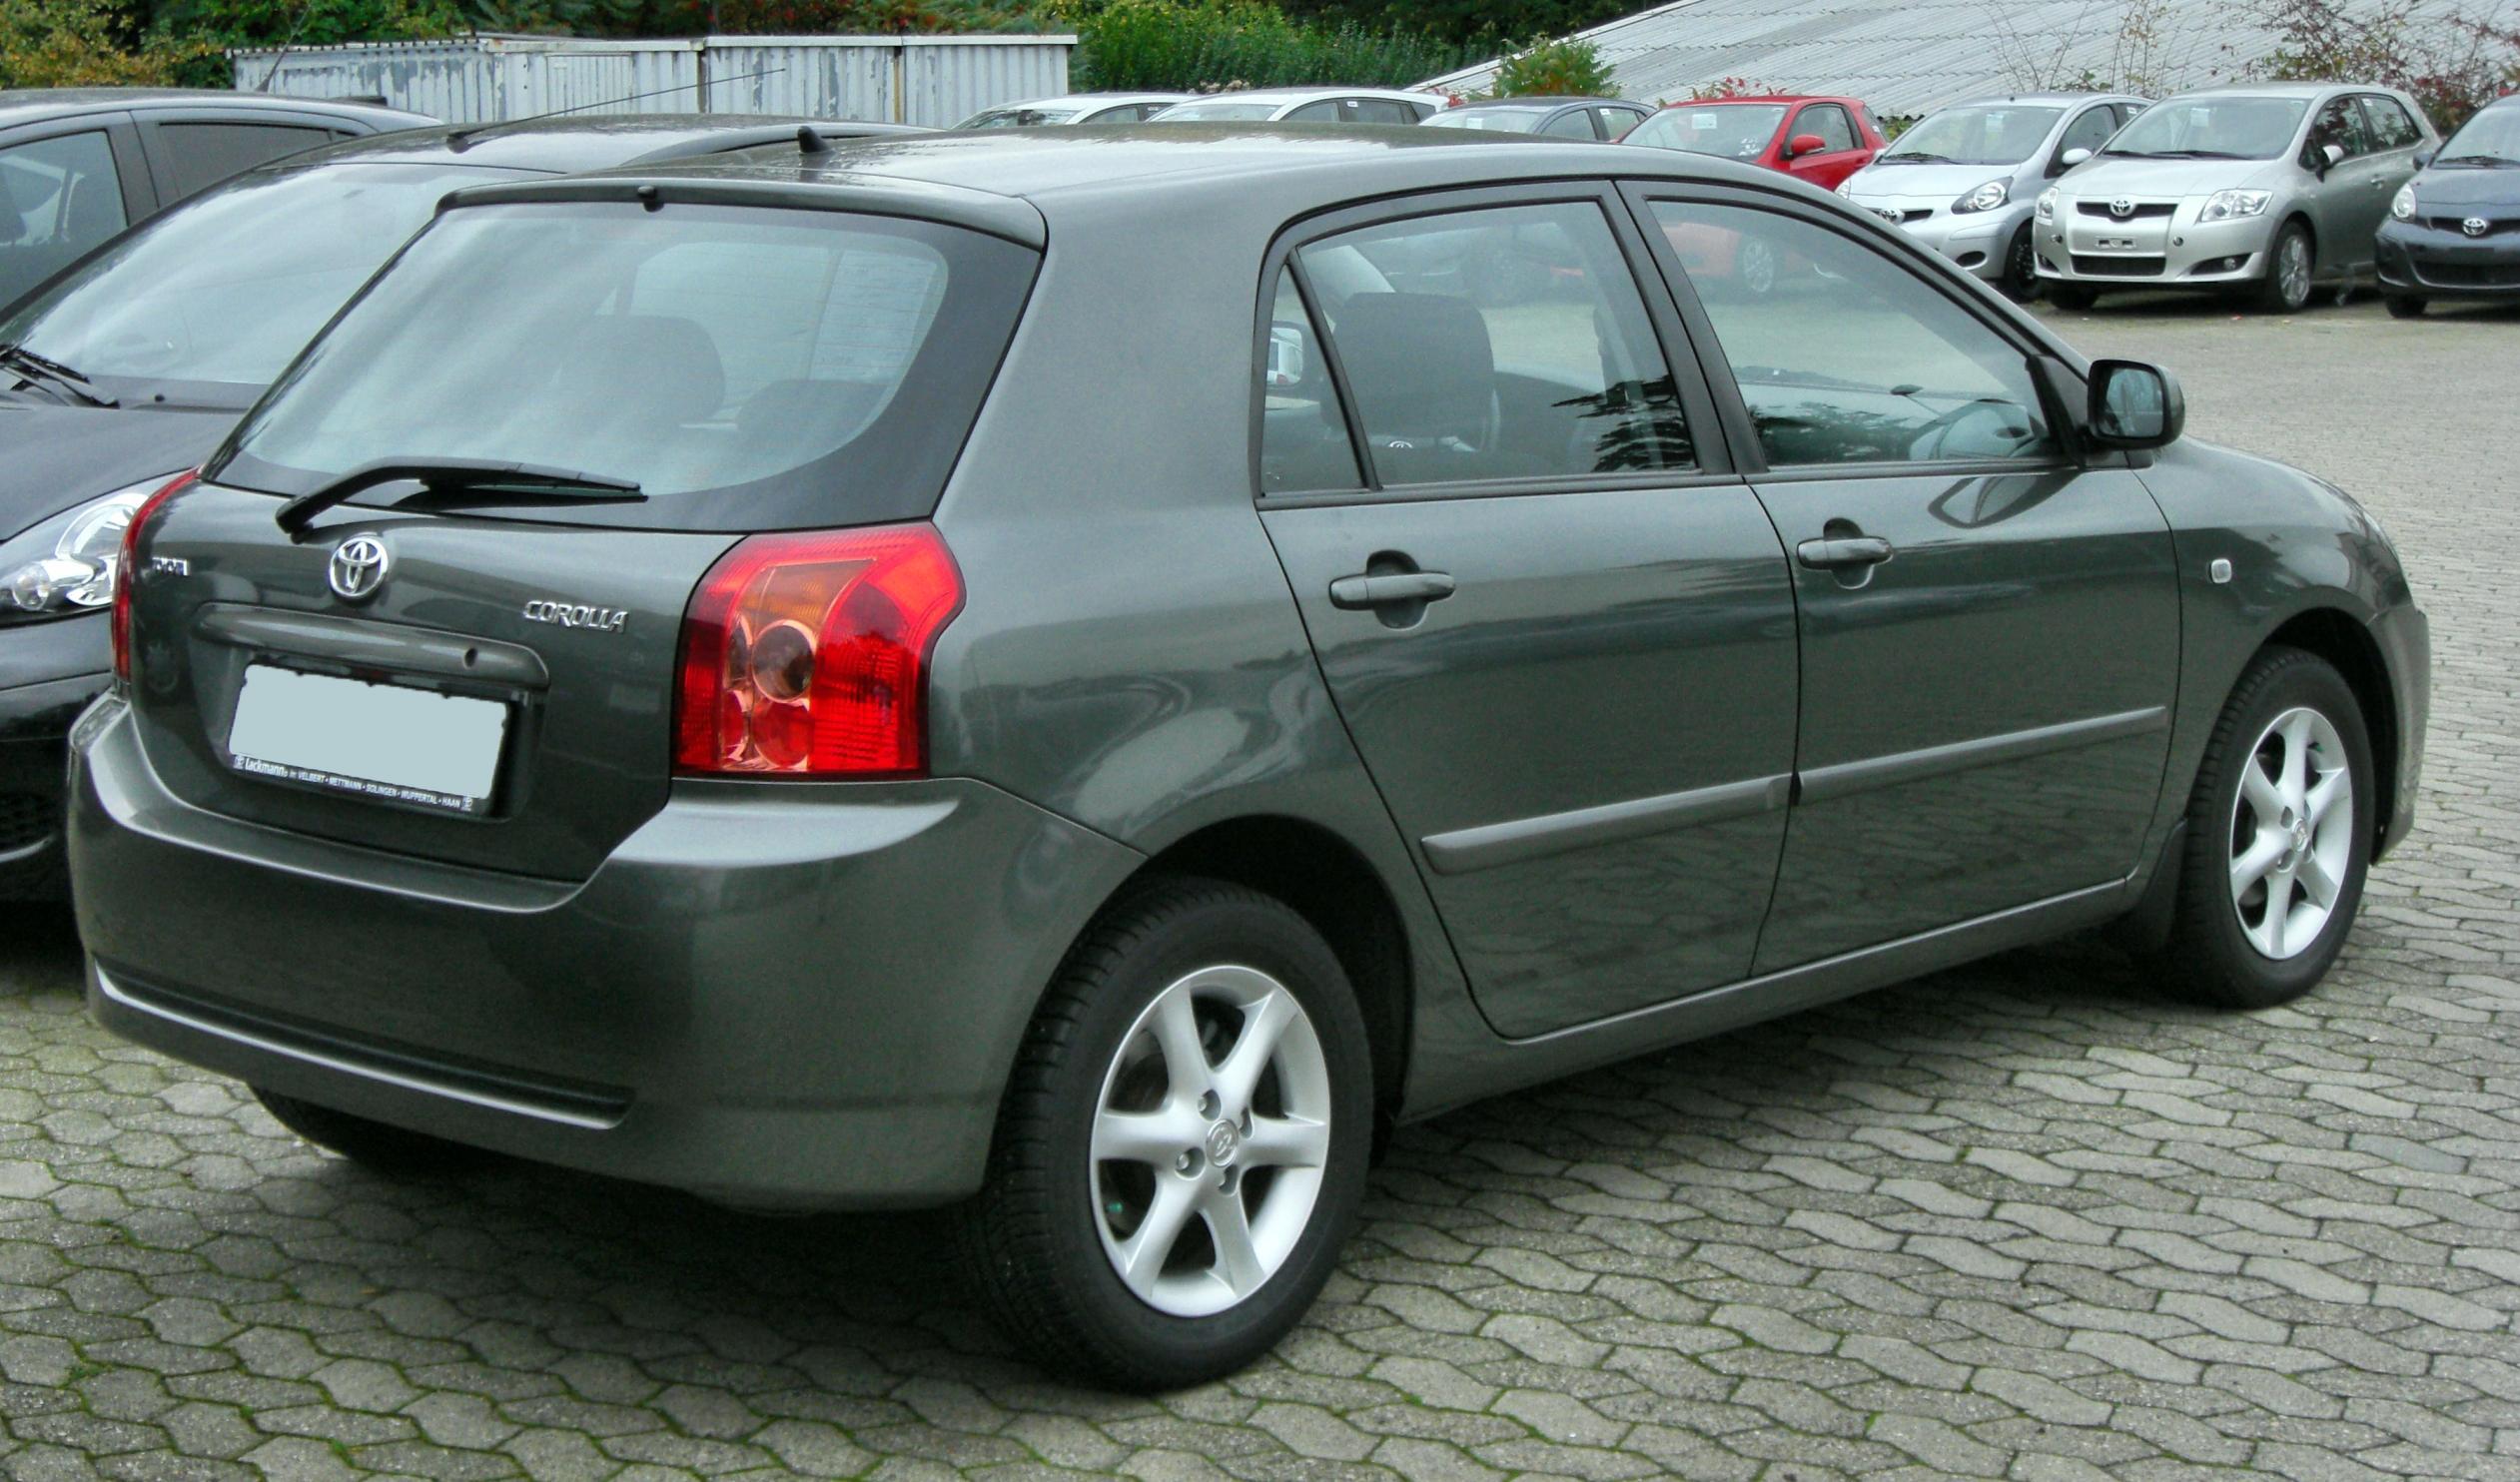 Toyota Corolla  Used Car Price